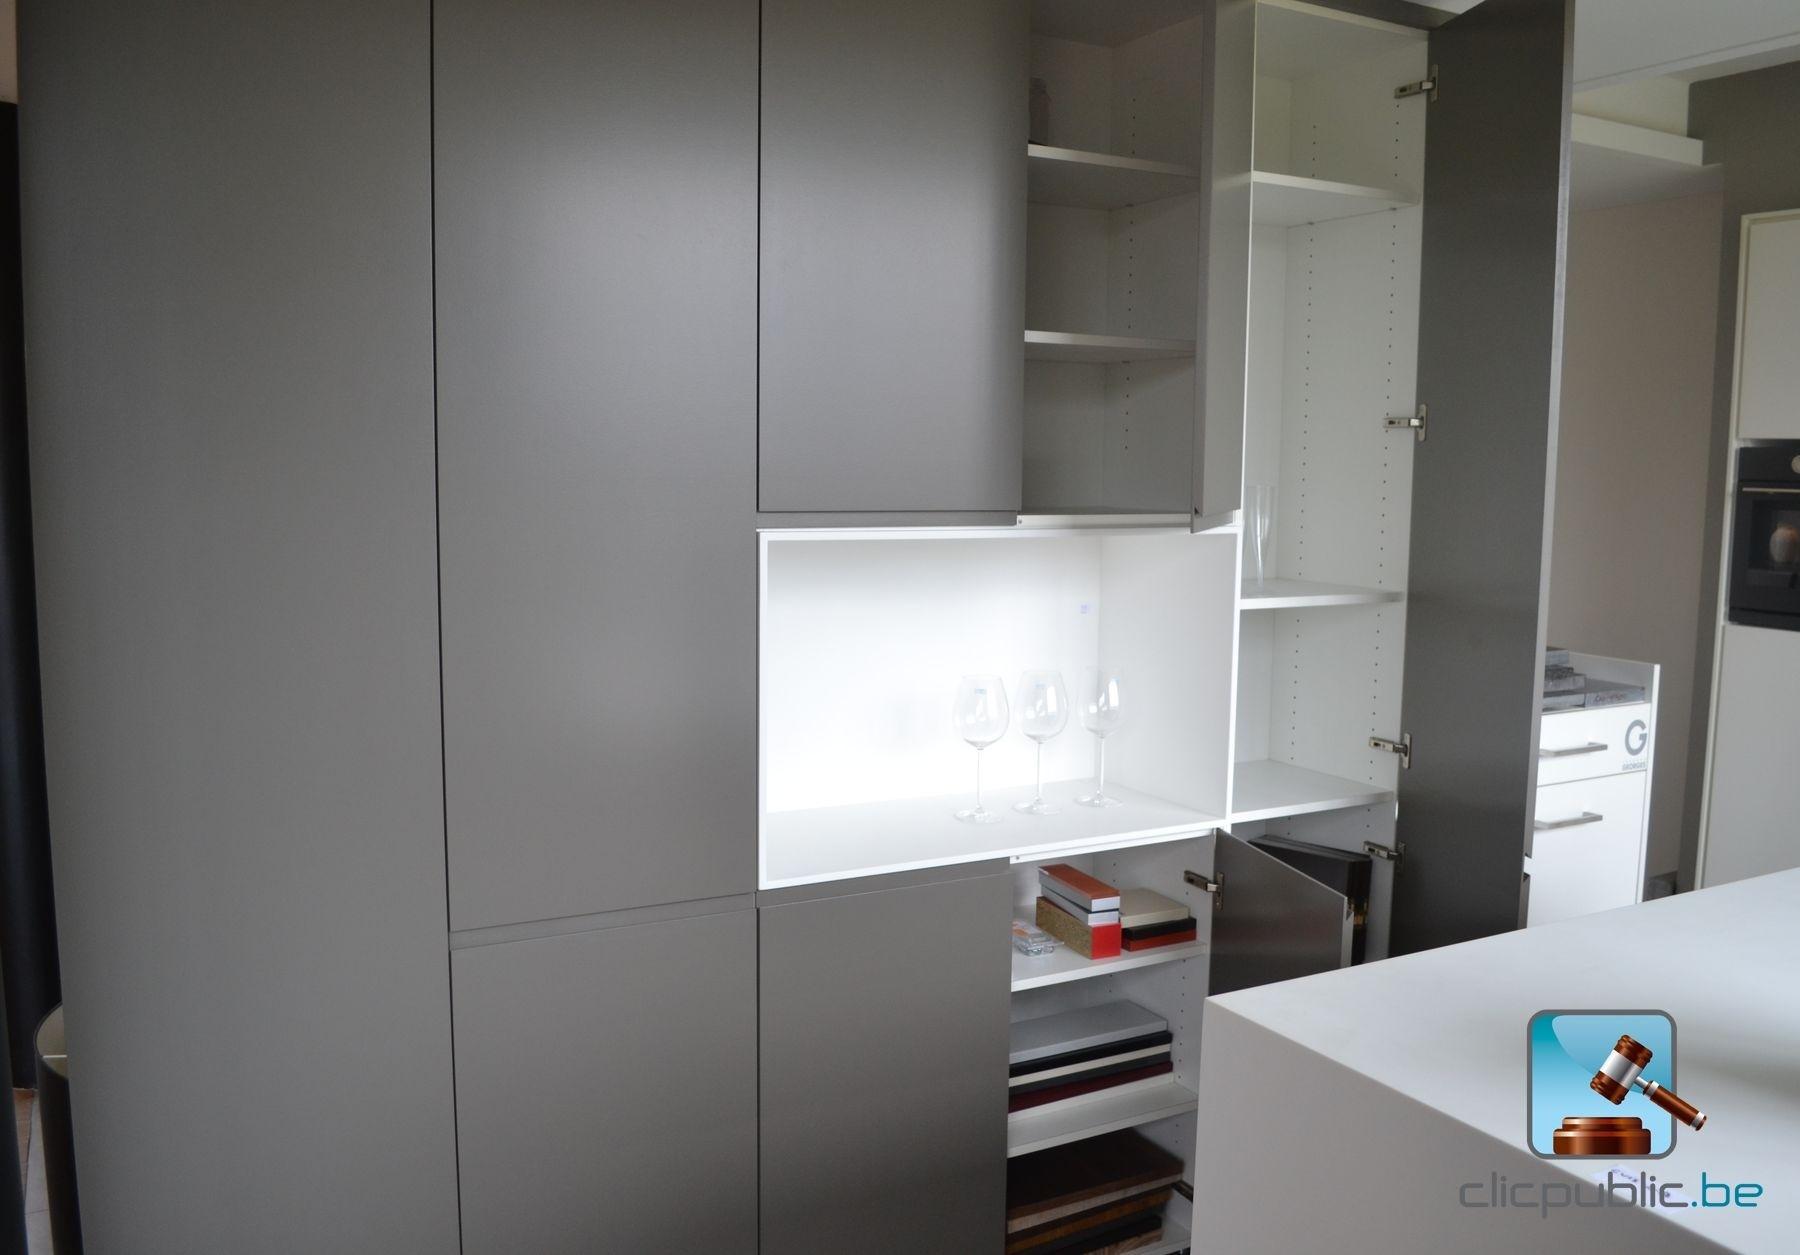 Keukenkast demonteren keukenkast deuren vervangen gereedschap om te bouwen van een keuken - Meubilair amerikaanse keuken ...